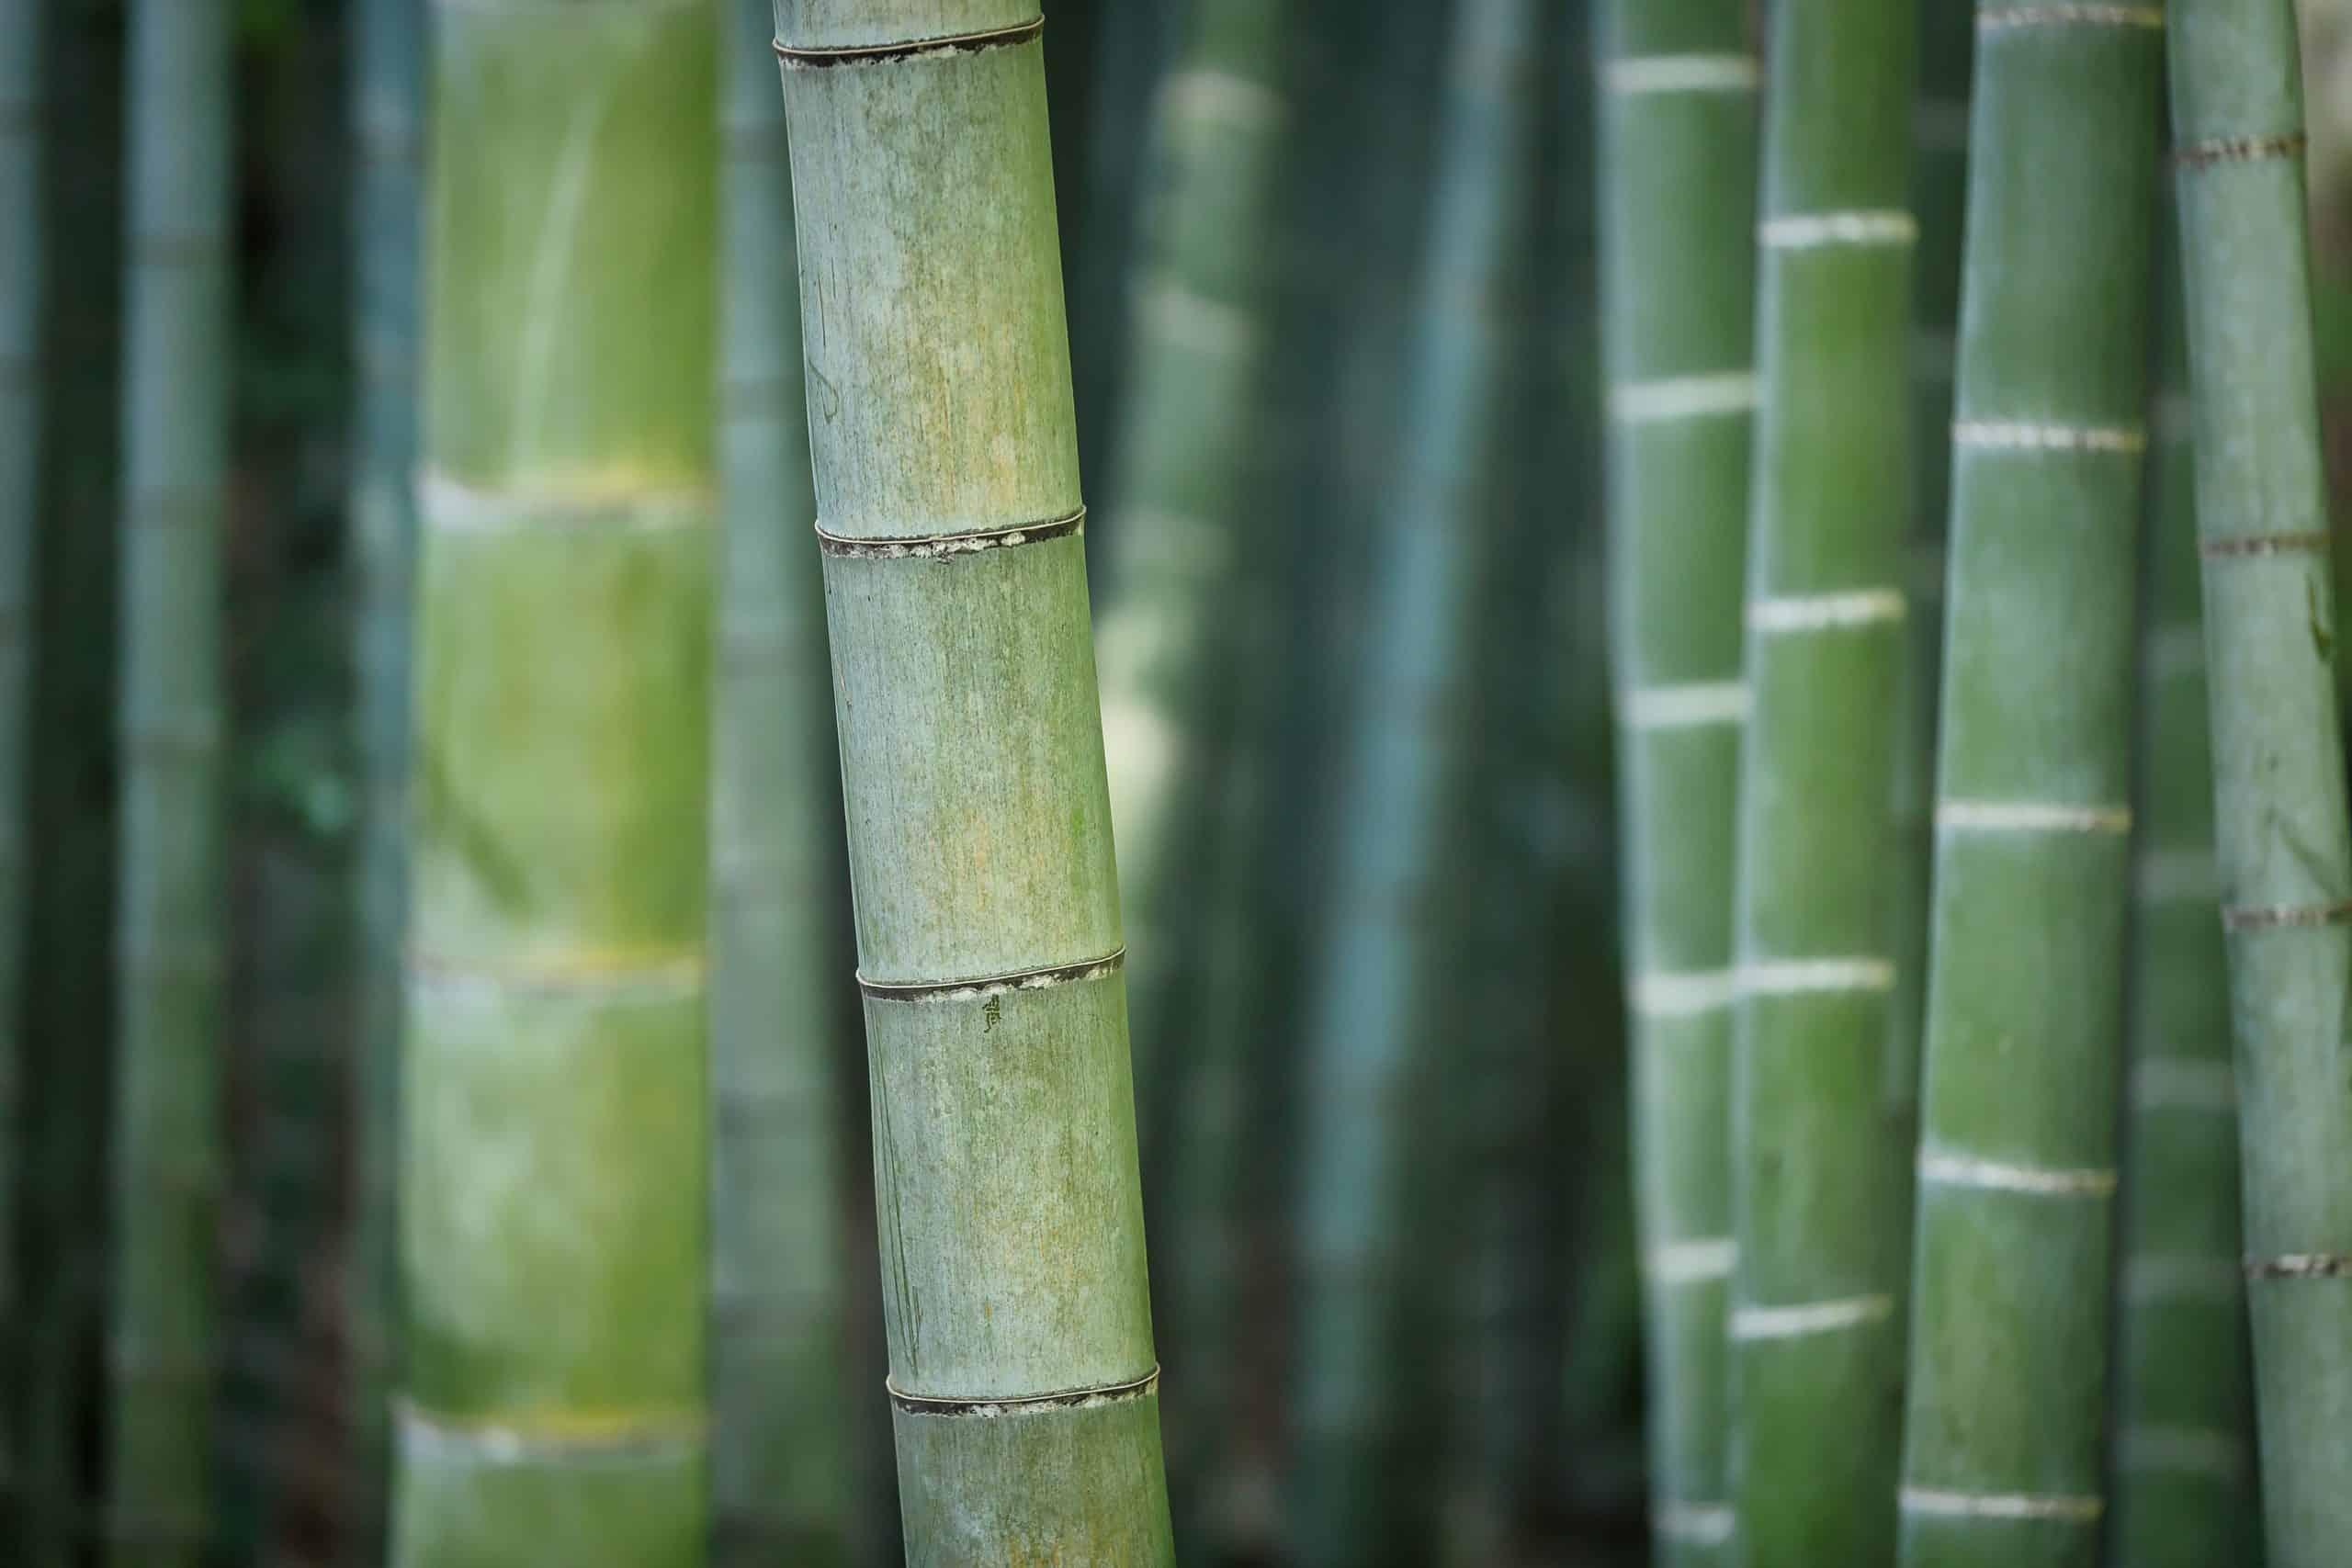 Matériaux-technologique-bambou